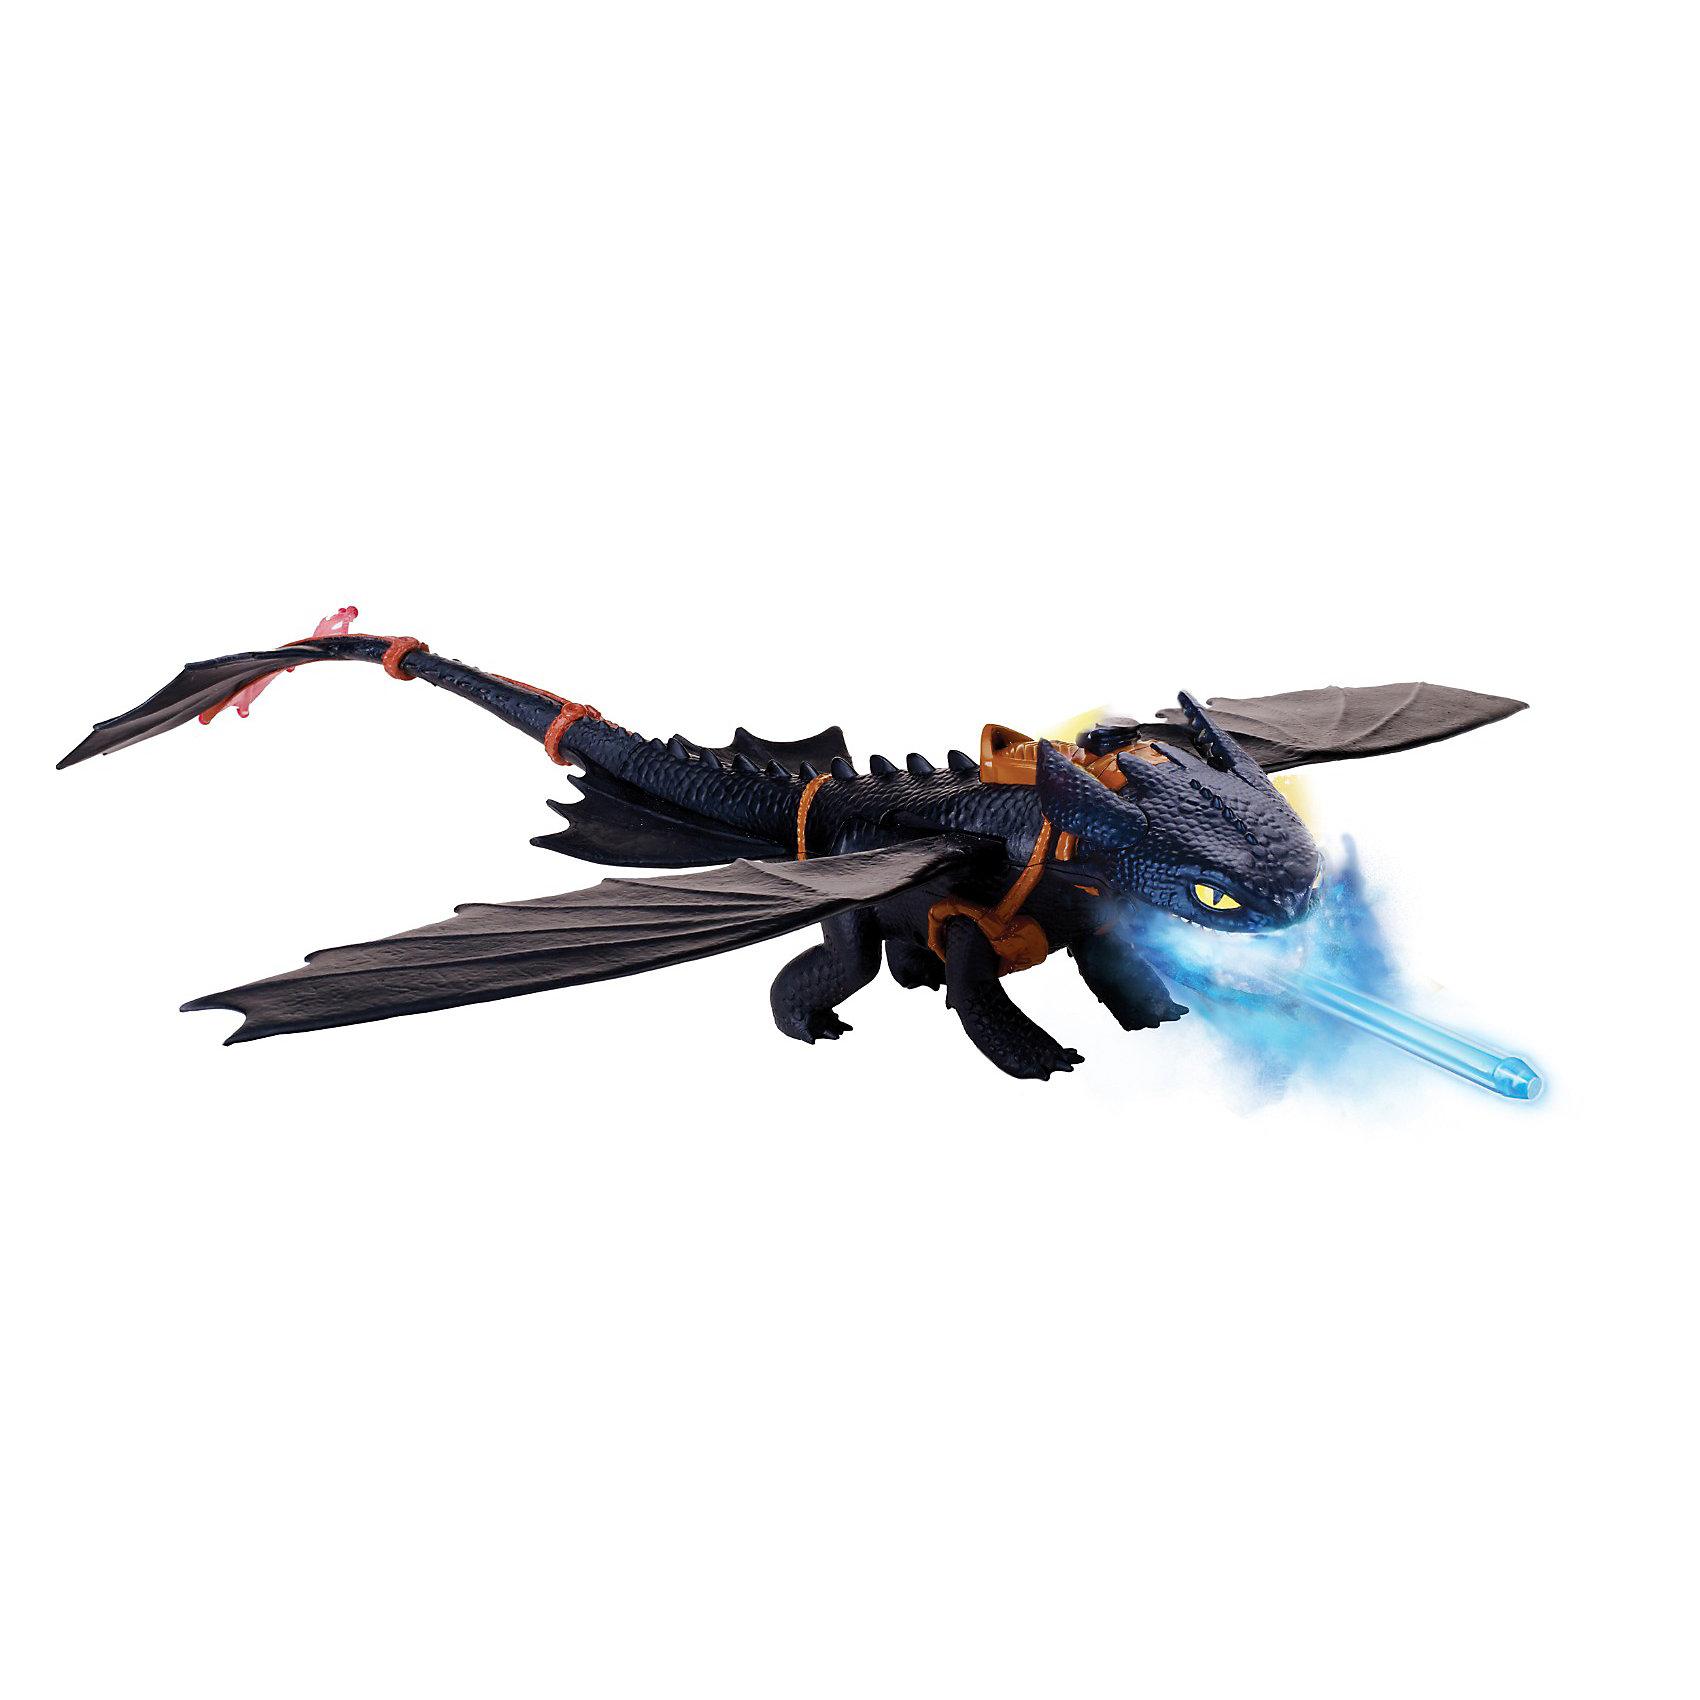 Большой дракон Беззубик, Spin MasterБольшой дракон Беззубик, Spin Master (Спин Мастер) - это самая большая версия главного героя мультипликационного фильма студии DreamWorks «Как приручить дракона». <br><br>Дракон Беззубик умеет «дышать огнем» и запускать стрелы. На спине дракона под крышкой есть специальное отверстие, залейте в него с помощью специального водяного насоса (входит в комплект) воду, затем нажмите на ушко дракона-пасть дракона приоткроется и появится водяной пар подсвечиваемый синим цветом. Крылья дракона подвижные: можно сложить на спине или расправить для полета.<br><br>Характеристики:<br>-большой дракон Беззубик способен «дышать огнем» и метать снаряды <br>-снаряды в темноте светятся<br>-в процессе игры с такой игрушкой развивается моторика рук, фантазия и мышление<br>-«холодный пар», выпускаемый драконом, абсолютно безвреден и образуется из простой водопроводной воды<br><br>Комплектация:<br>-дракон, состоящий из туловища и отдельно присоединяемого хвоста<br>-2 снаряда<br>-специальный паровой картридж<br>-водяной насос<br><br>Дополнительная информация:<br><br>-размах крыльев: 55см<br>-размер (ДхШхВ): 41х30х10 см<br>-батарейки: 3хААА (в набор не входят)<br>-изготовлен Беззубик из высококачественного плотного пластика и резины<br><br>Любители мультфильма будут в восторге от этой игрушки! Порадуйте свое чадо таким прекрасным подарком!<br><br>Игрушку Большой дракон Беззубик, Spin Master (Спин Мастер) можно купить в нашем интернет-магазине.<br><br>Ширина мм: 416<br>Глубина мм: 299<br>Высота мм: 106<br>Вес г: 682<br>Возраст от месяцев: 36<br>Возраст до месяцев: 96<br>Пол: Унисекс<br>Возраст: Детский<br>SKU: 3373925